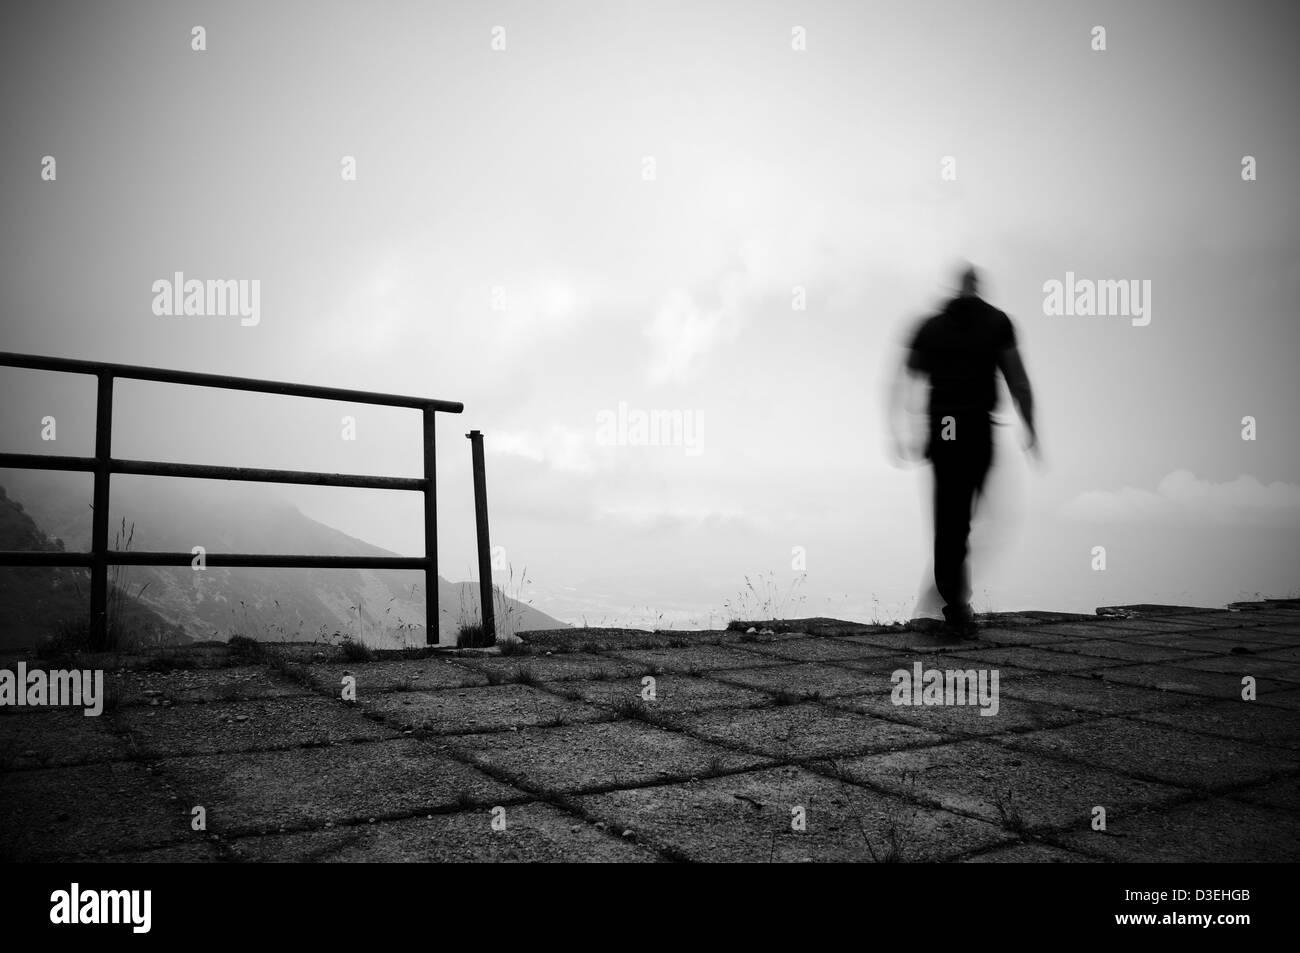 L'homme sauter dans le vide Photo Stock